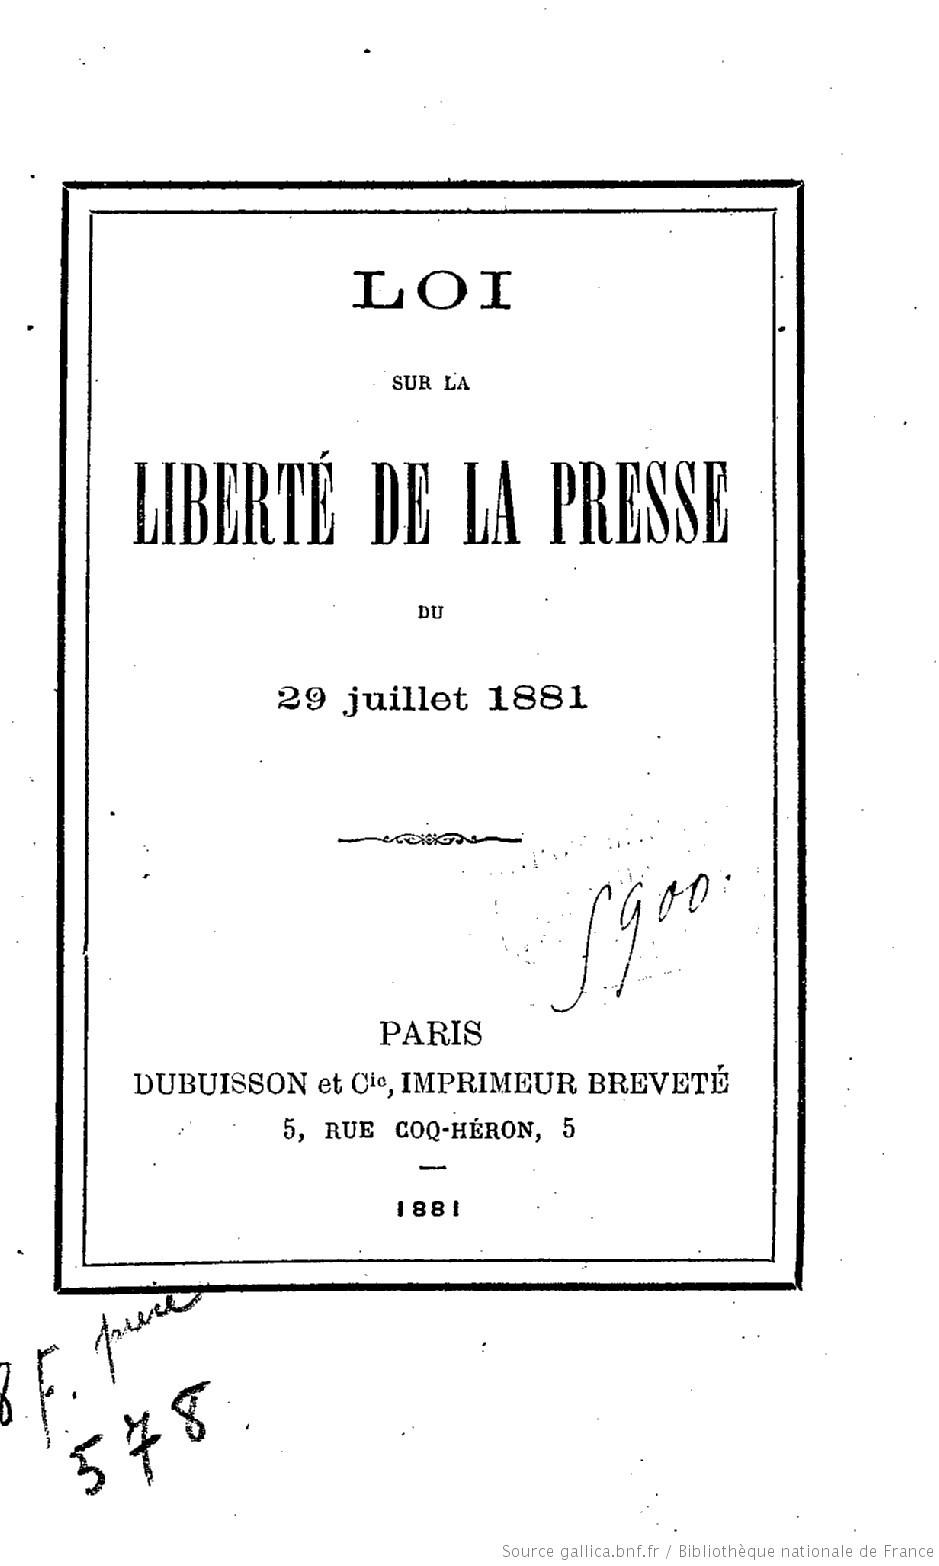 """""""<em>Outrage aux bonnes mœurs</em>"""" [affront to public decency] in France (19<sup>th</sup>-20<sup>th</sup> centuries)"""